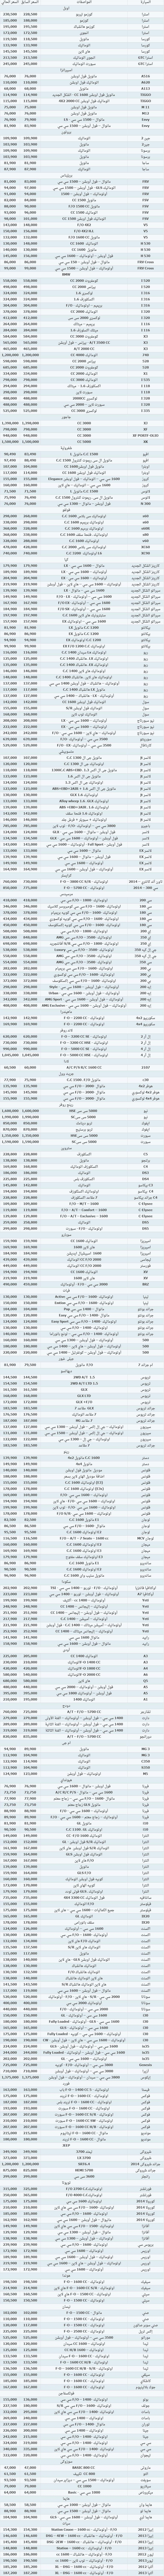 احدث انواع السيارات واسعارها , جدول كامل لانواع السيارات واسعارها في مصر 2017